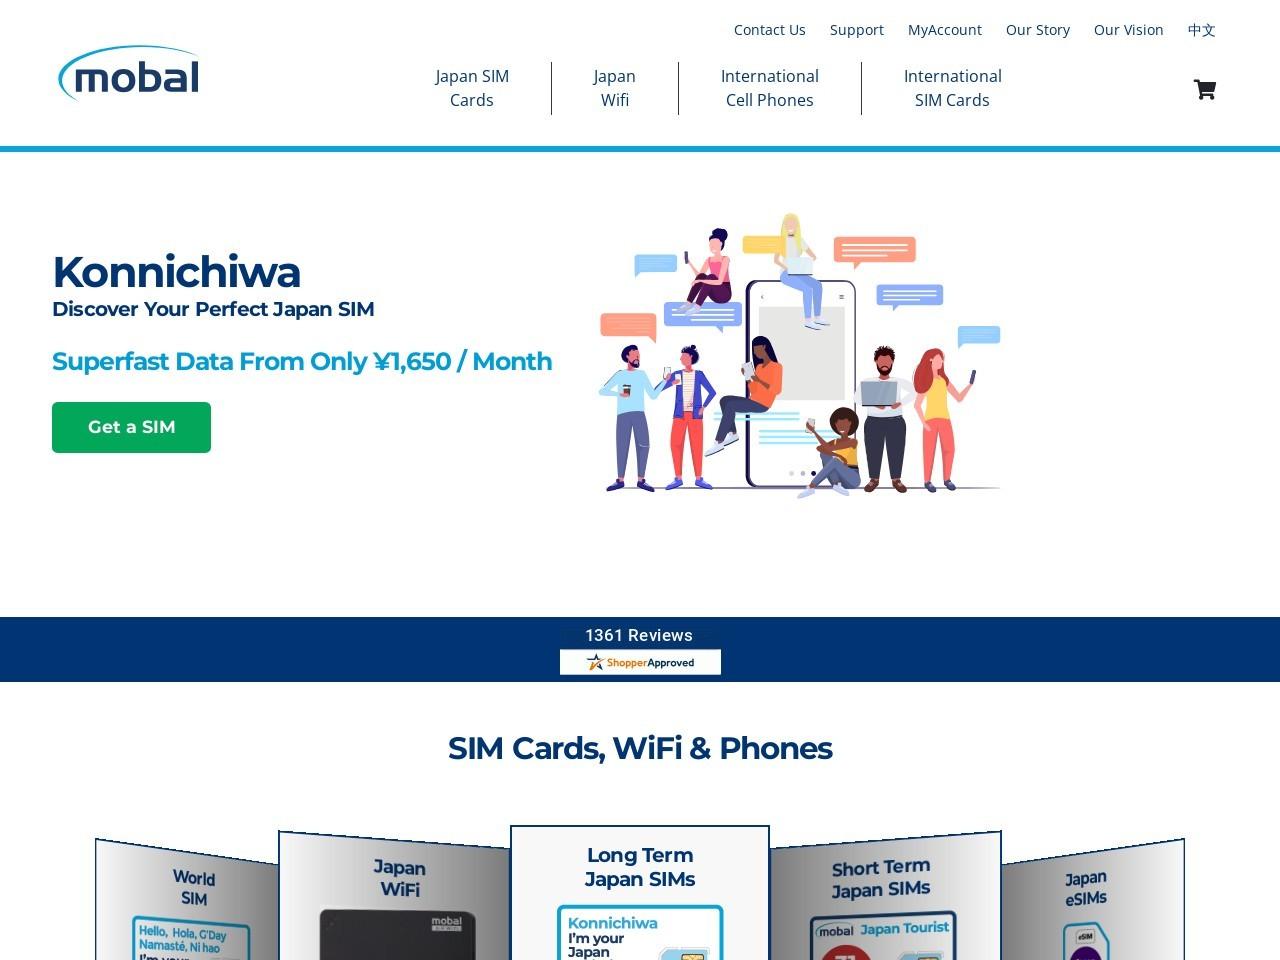 mobal.com